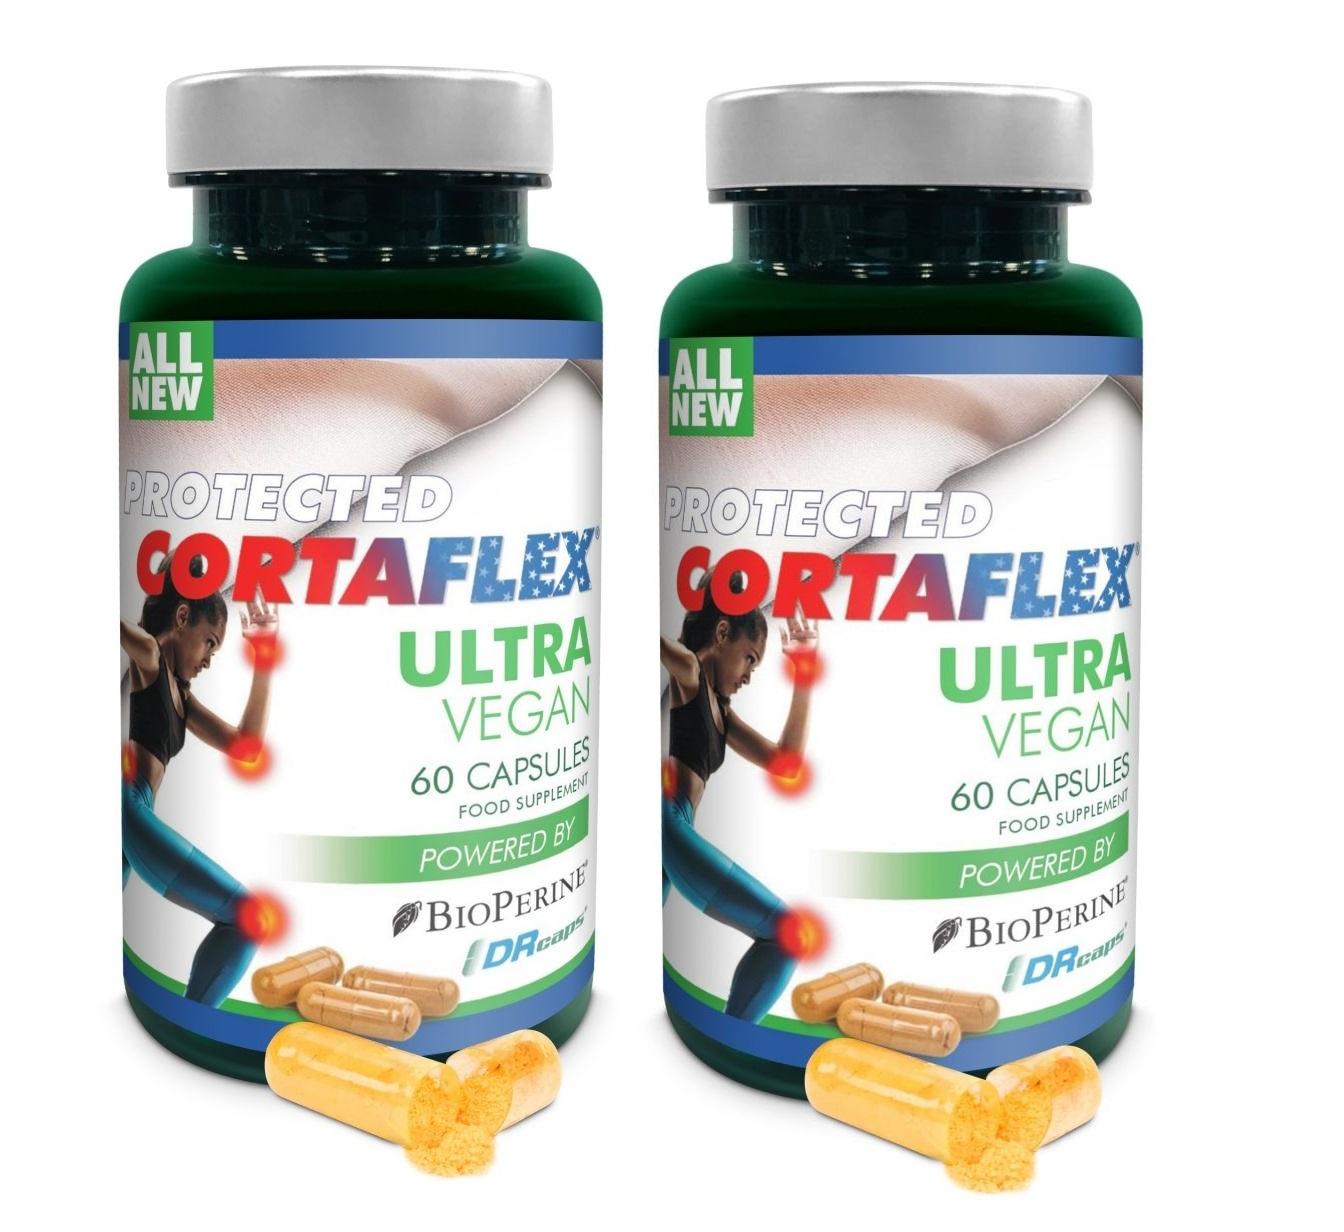 Dental Supps Protected Cortaflex Ultra Vegan, 60 Capsules, 2-packs